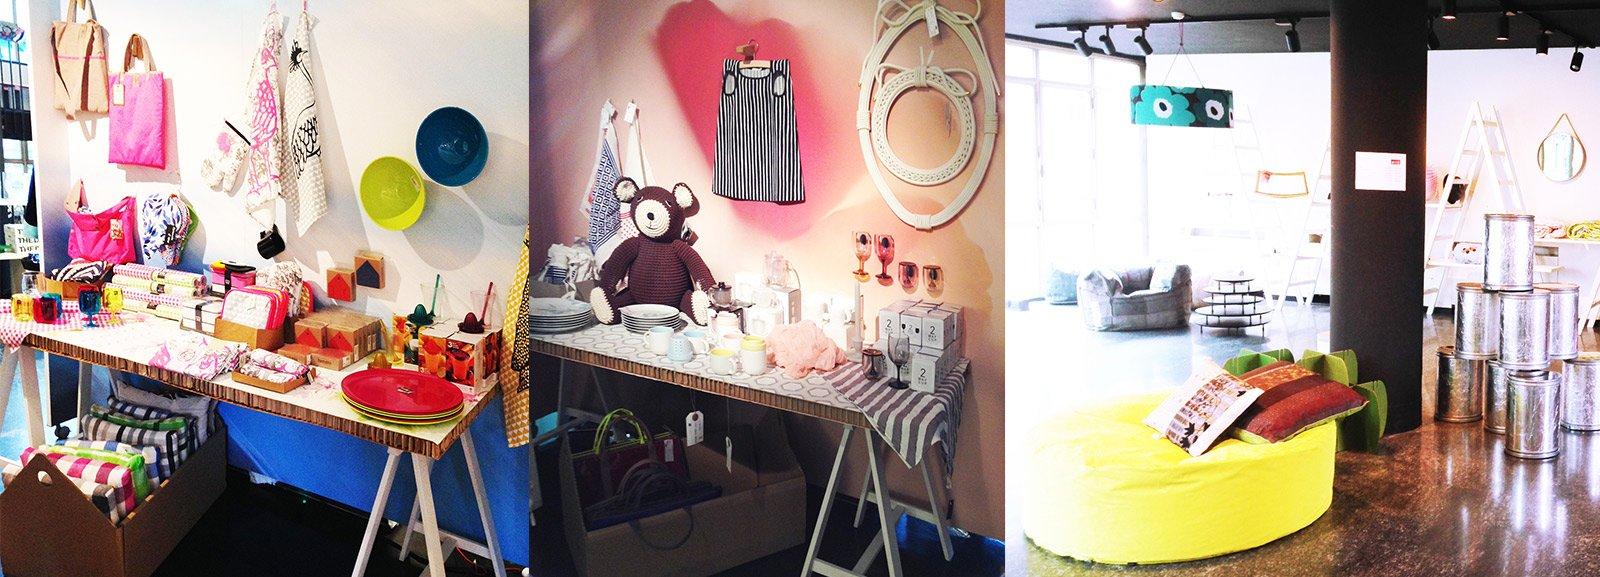 Jvstore di jannelli volpi raddoppiano i saldi cose di casa for Cose di casa shop on line